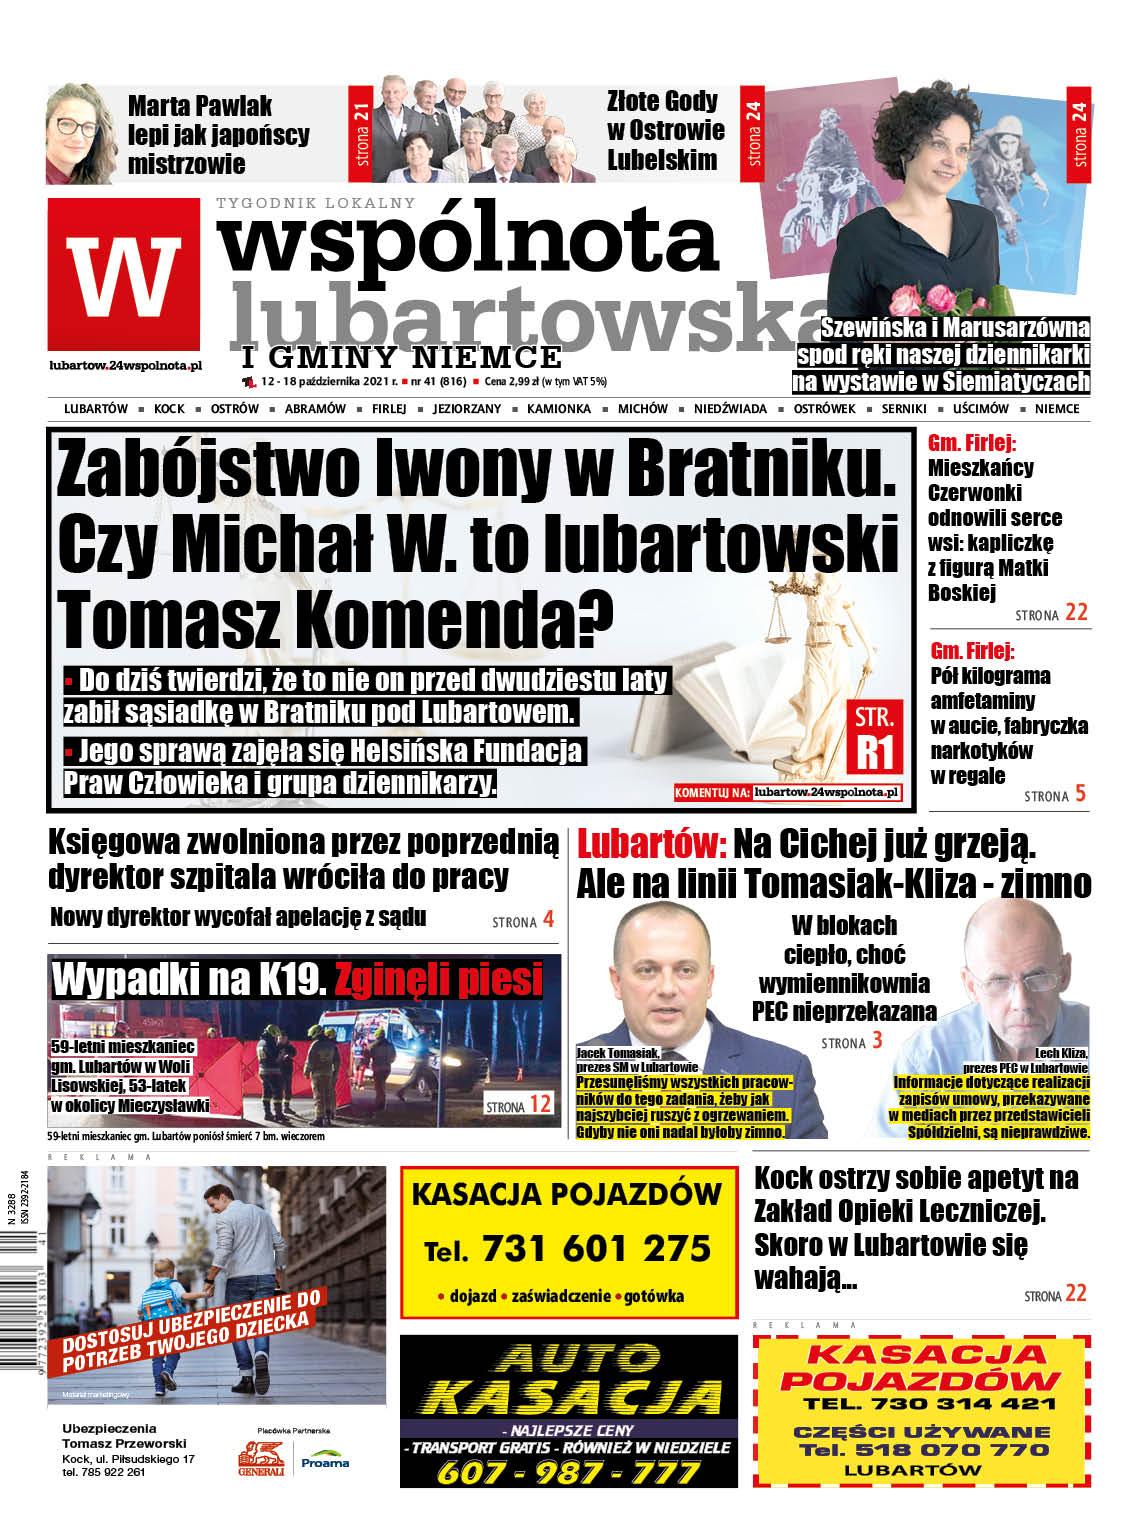 Zabójstwo w Bratniku. Czy Michał W. to lubartowski Tomasz Komenda? - Zdjęcie główne